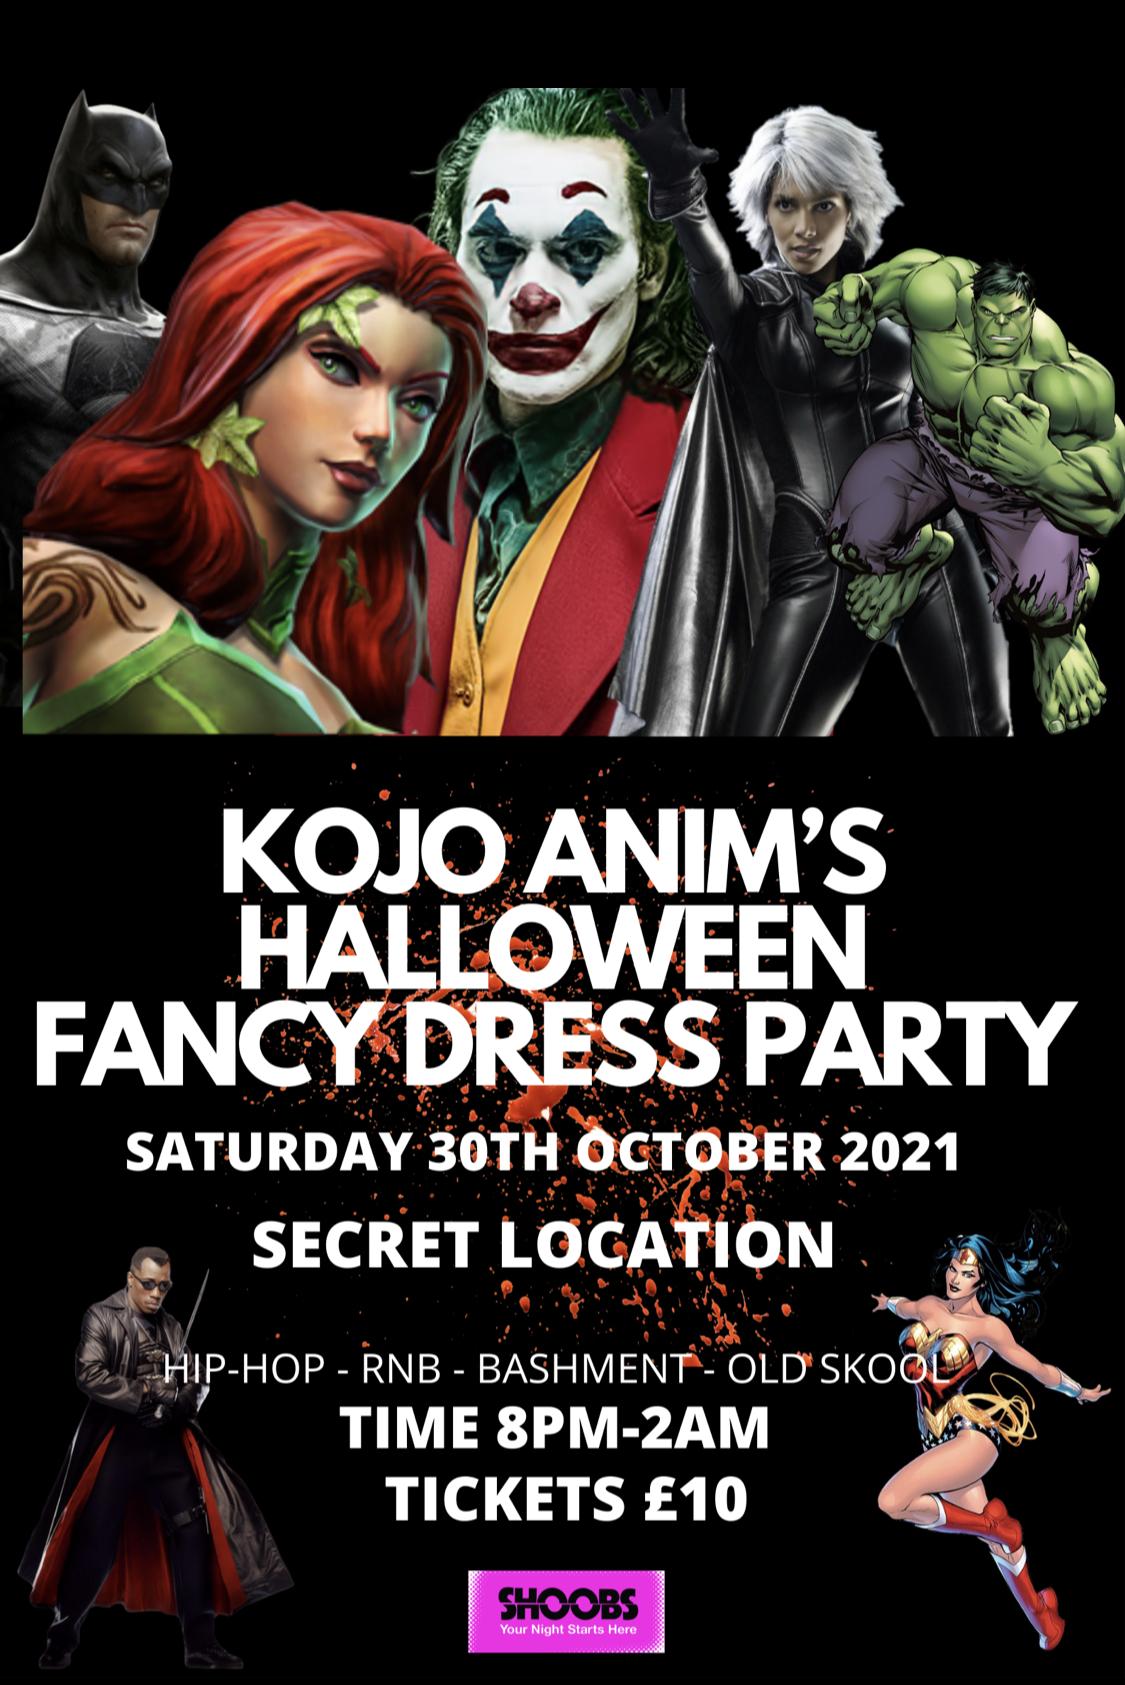 KOJO ANIM'S HALLOWEEN FANCY DRESS PARTY